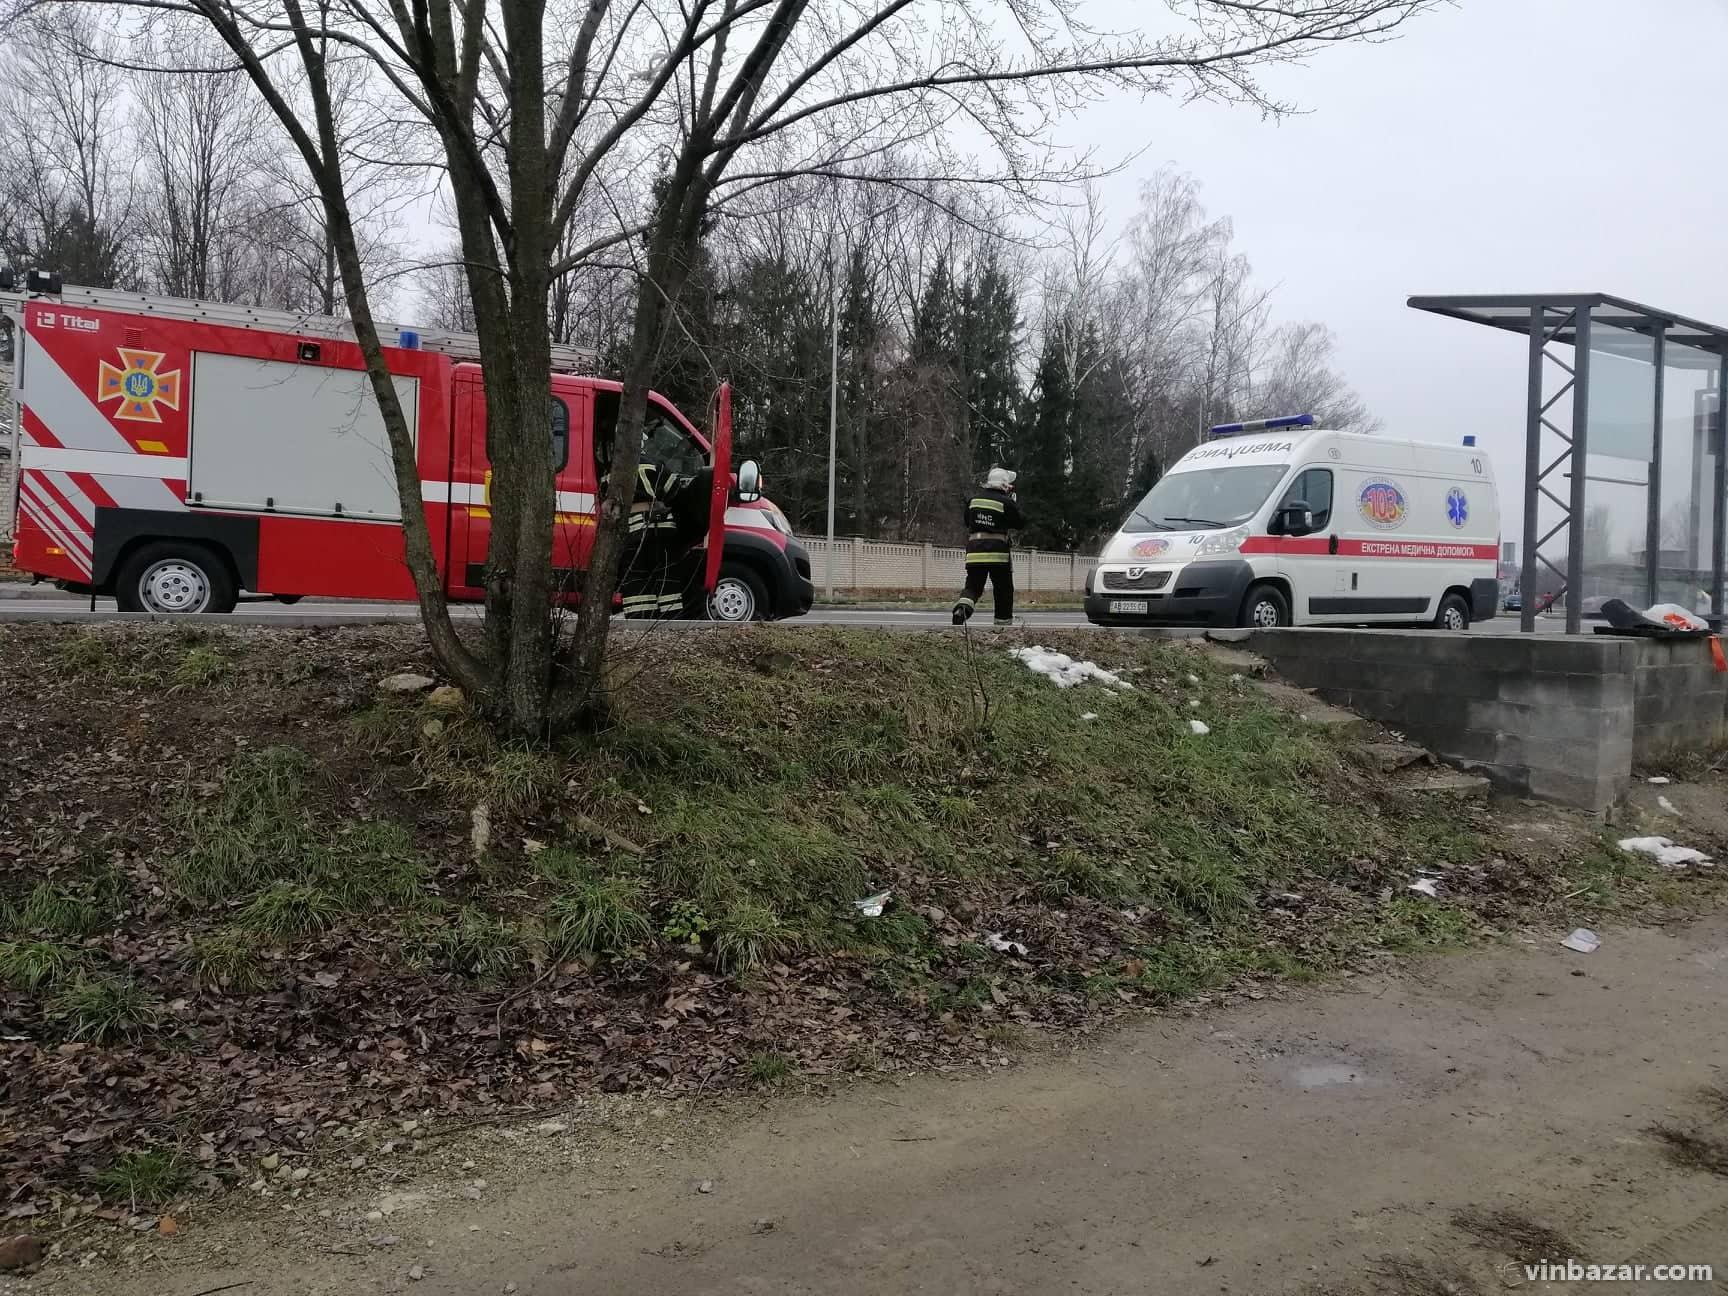 Карколомна ДТП на Пирогова потрапила на запис камер спостереження (Фото+Відео)